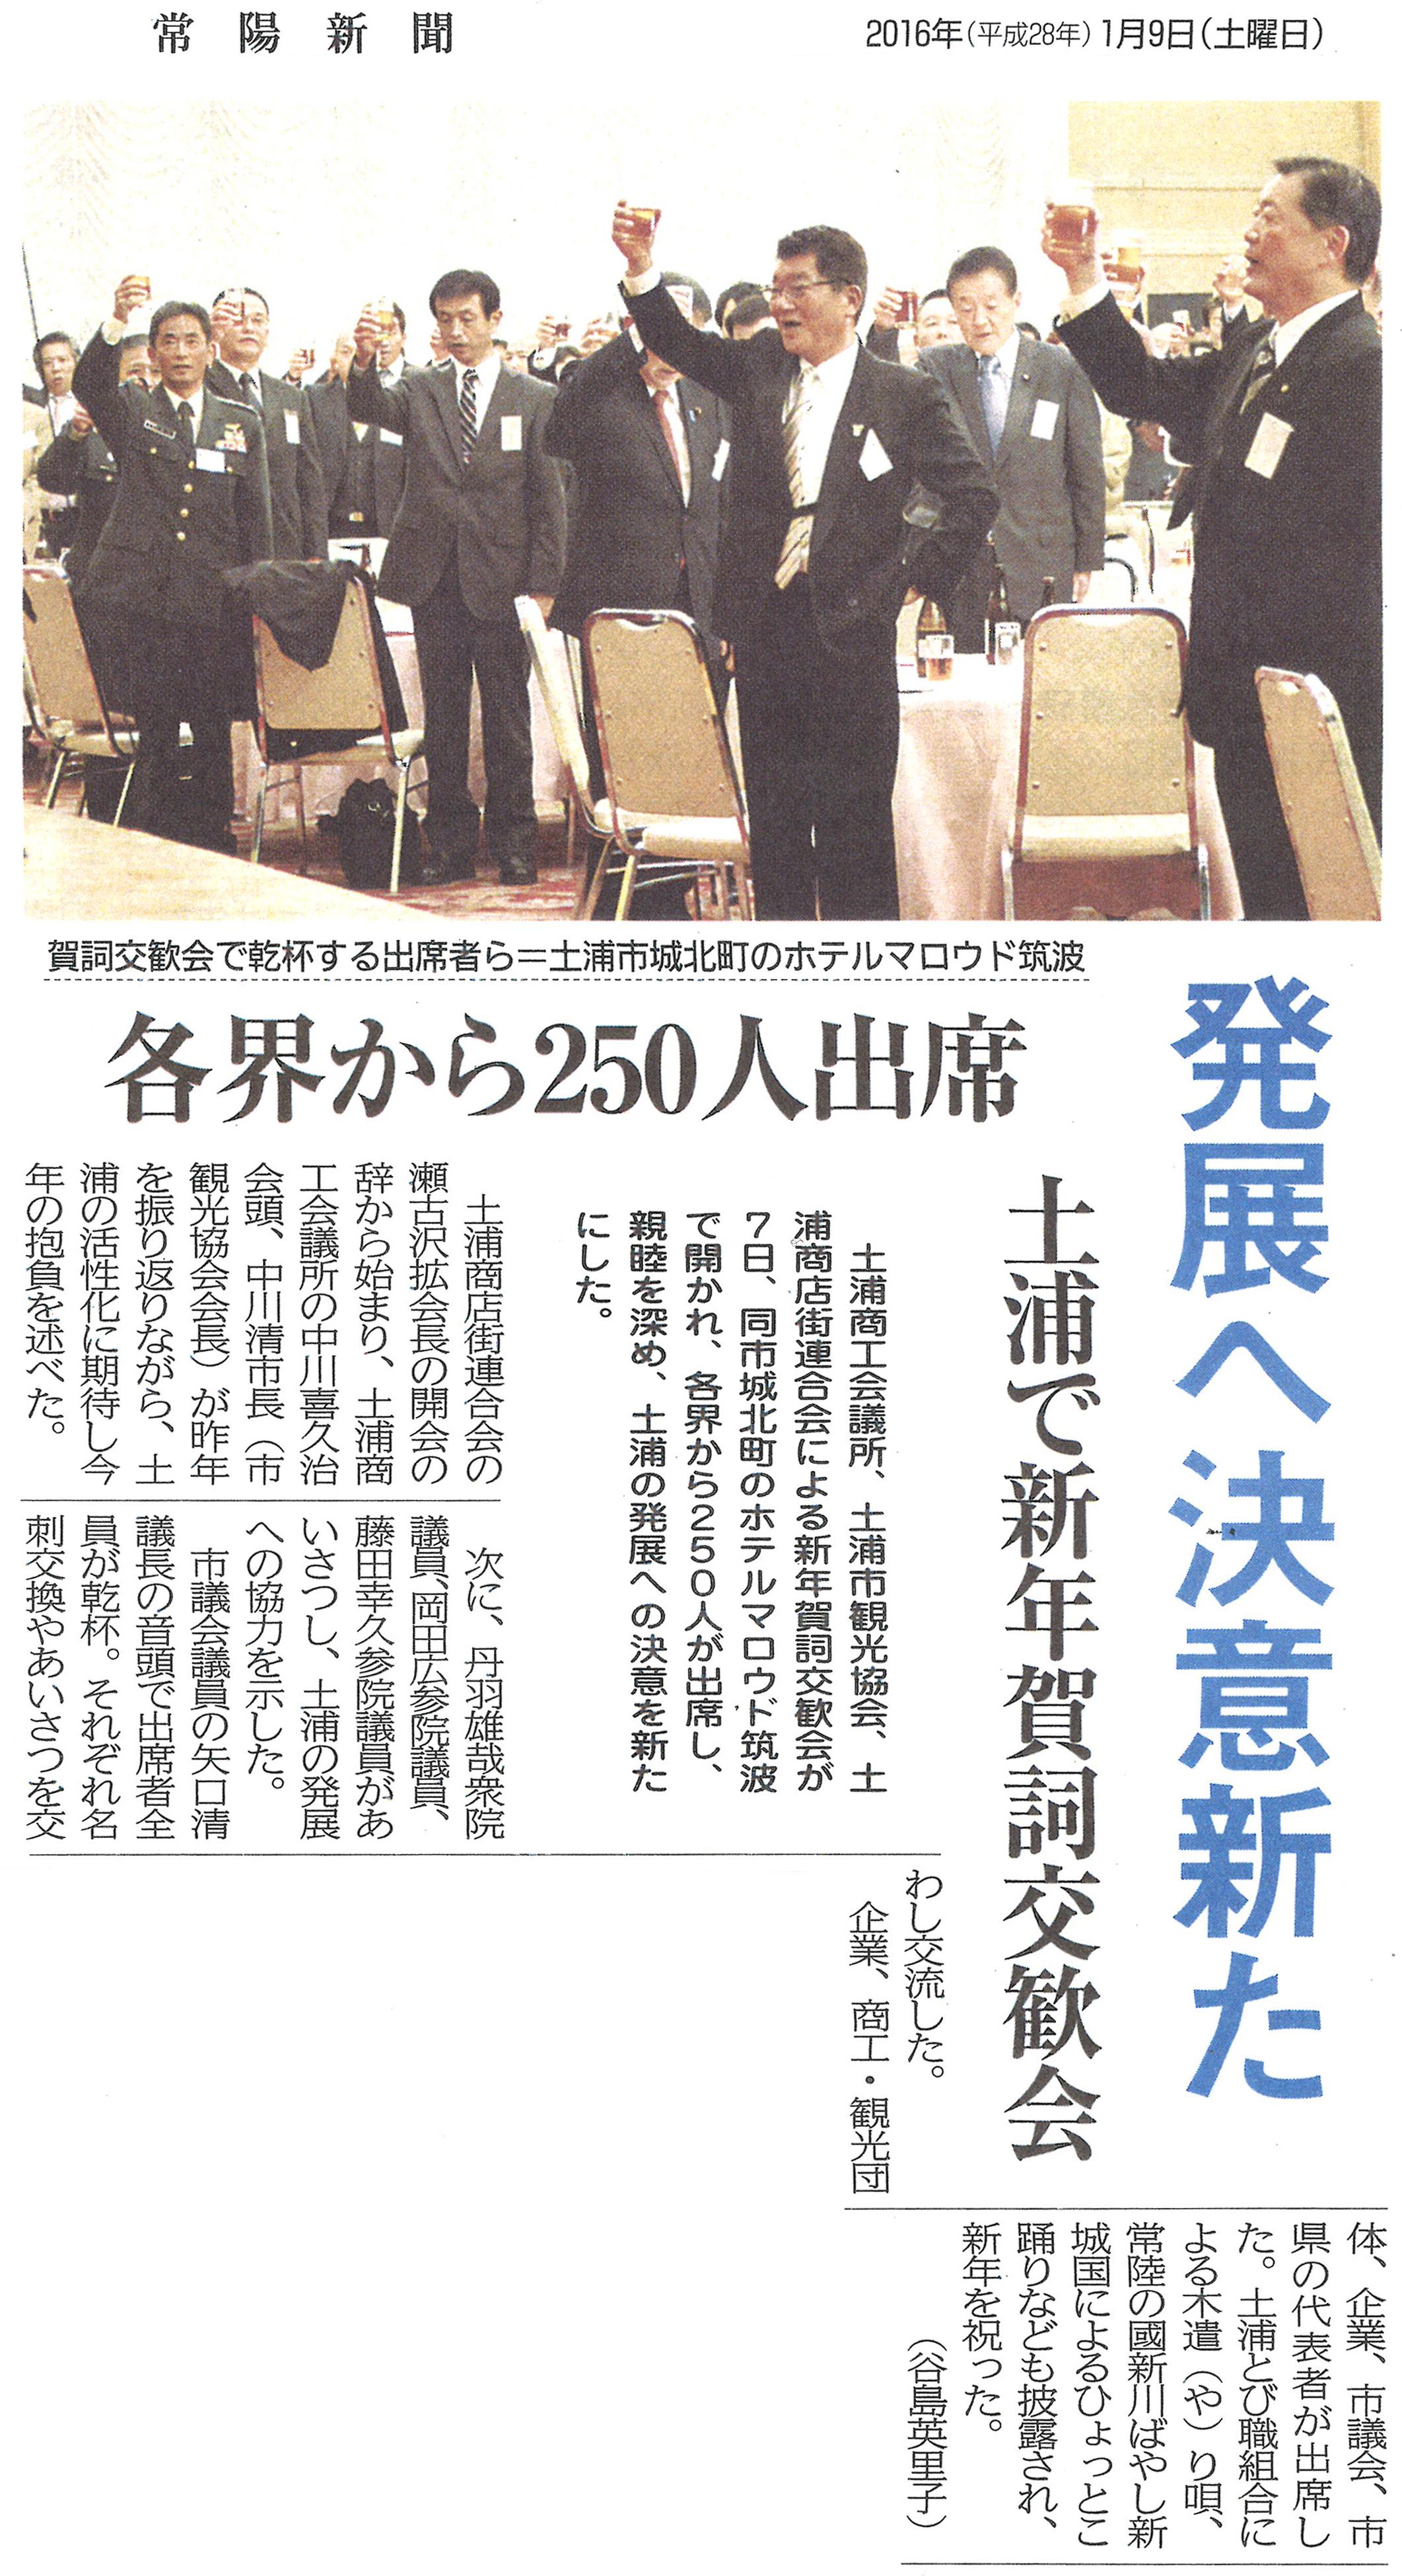 【常陽新聞】発展へ決意新た 土浦で新年賀詞交歓会